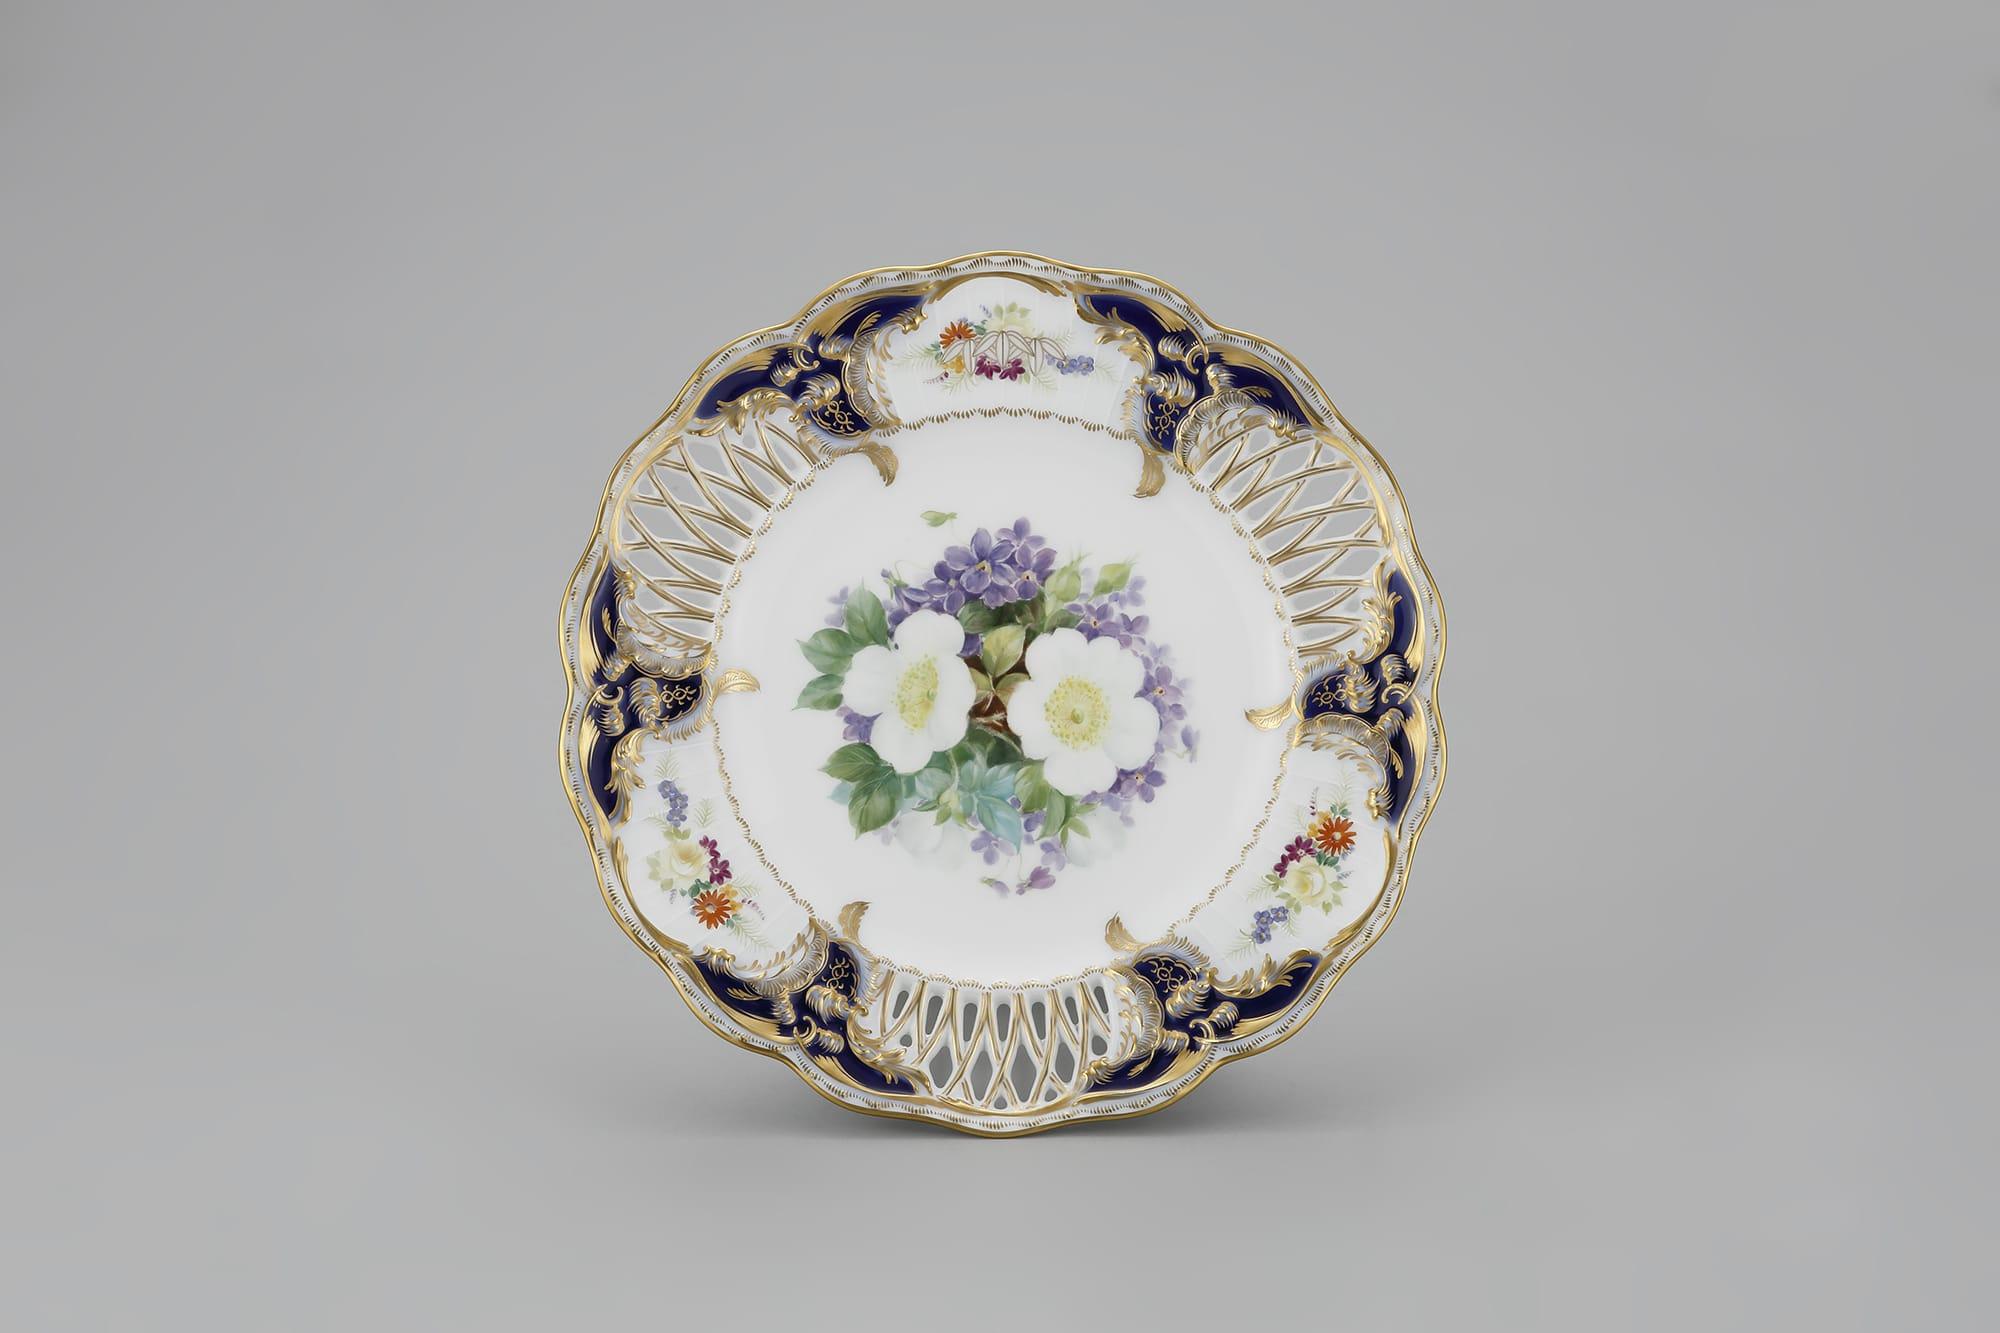 見事な透かし彫りの技法が見られる「瑠璃透彫サービス皿」 1940-45年 個人蔵